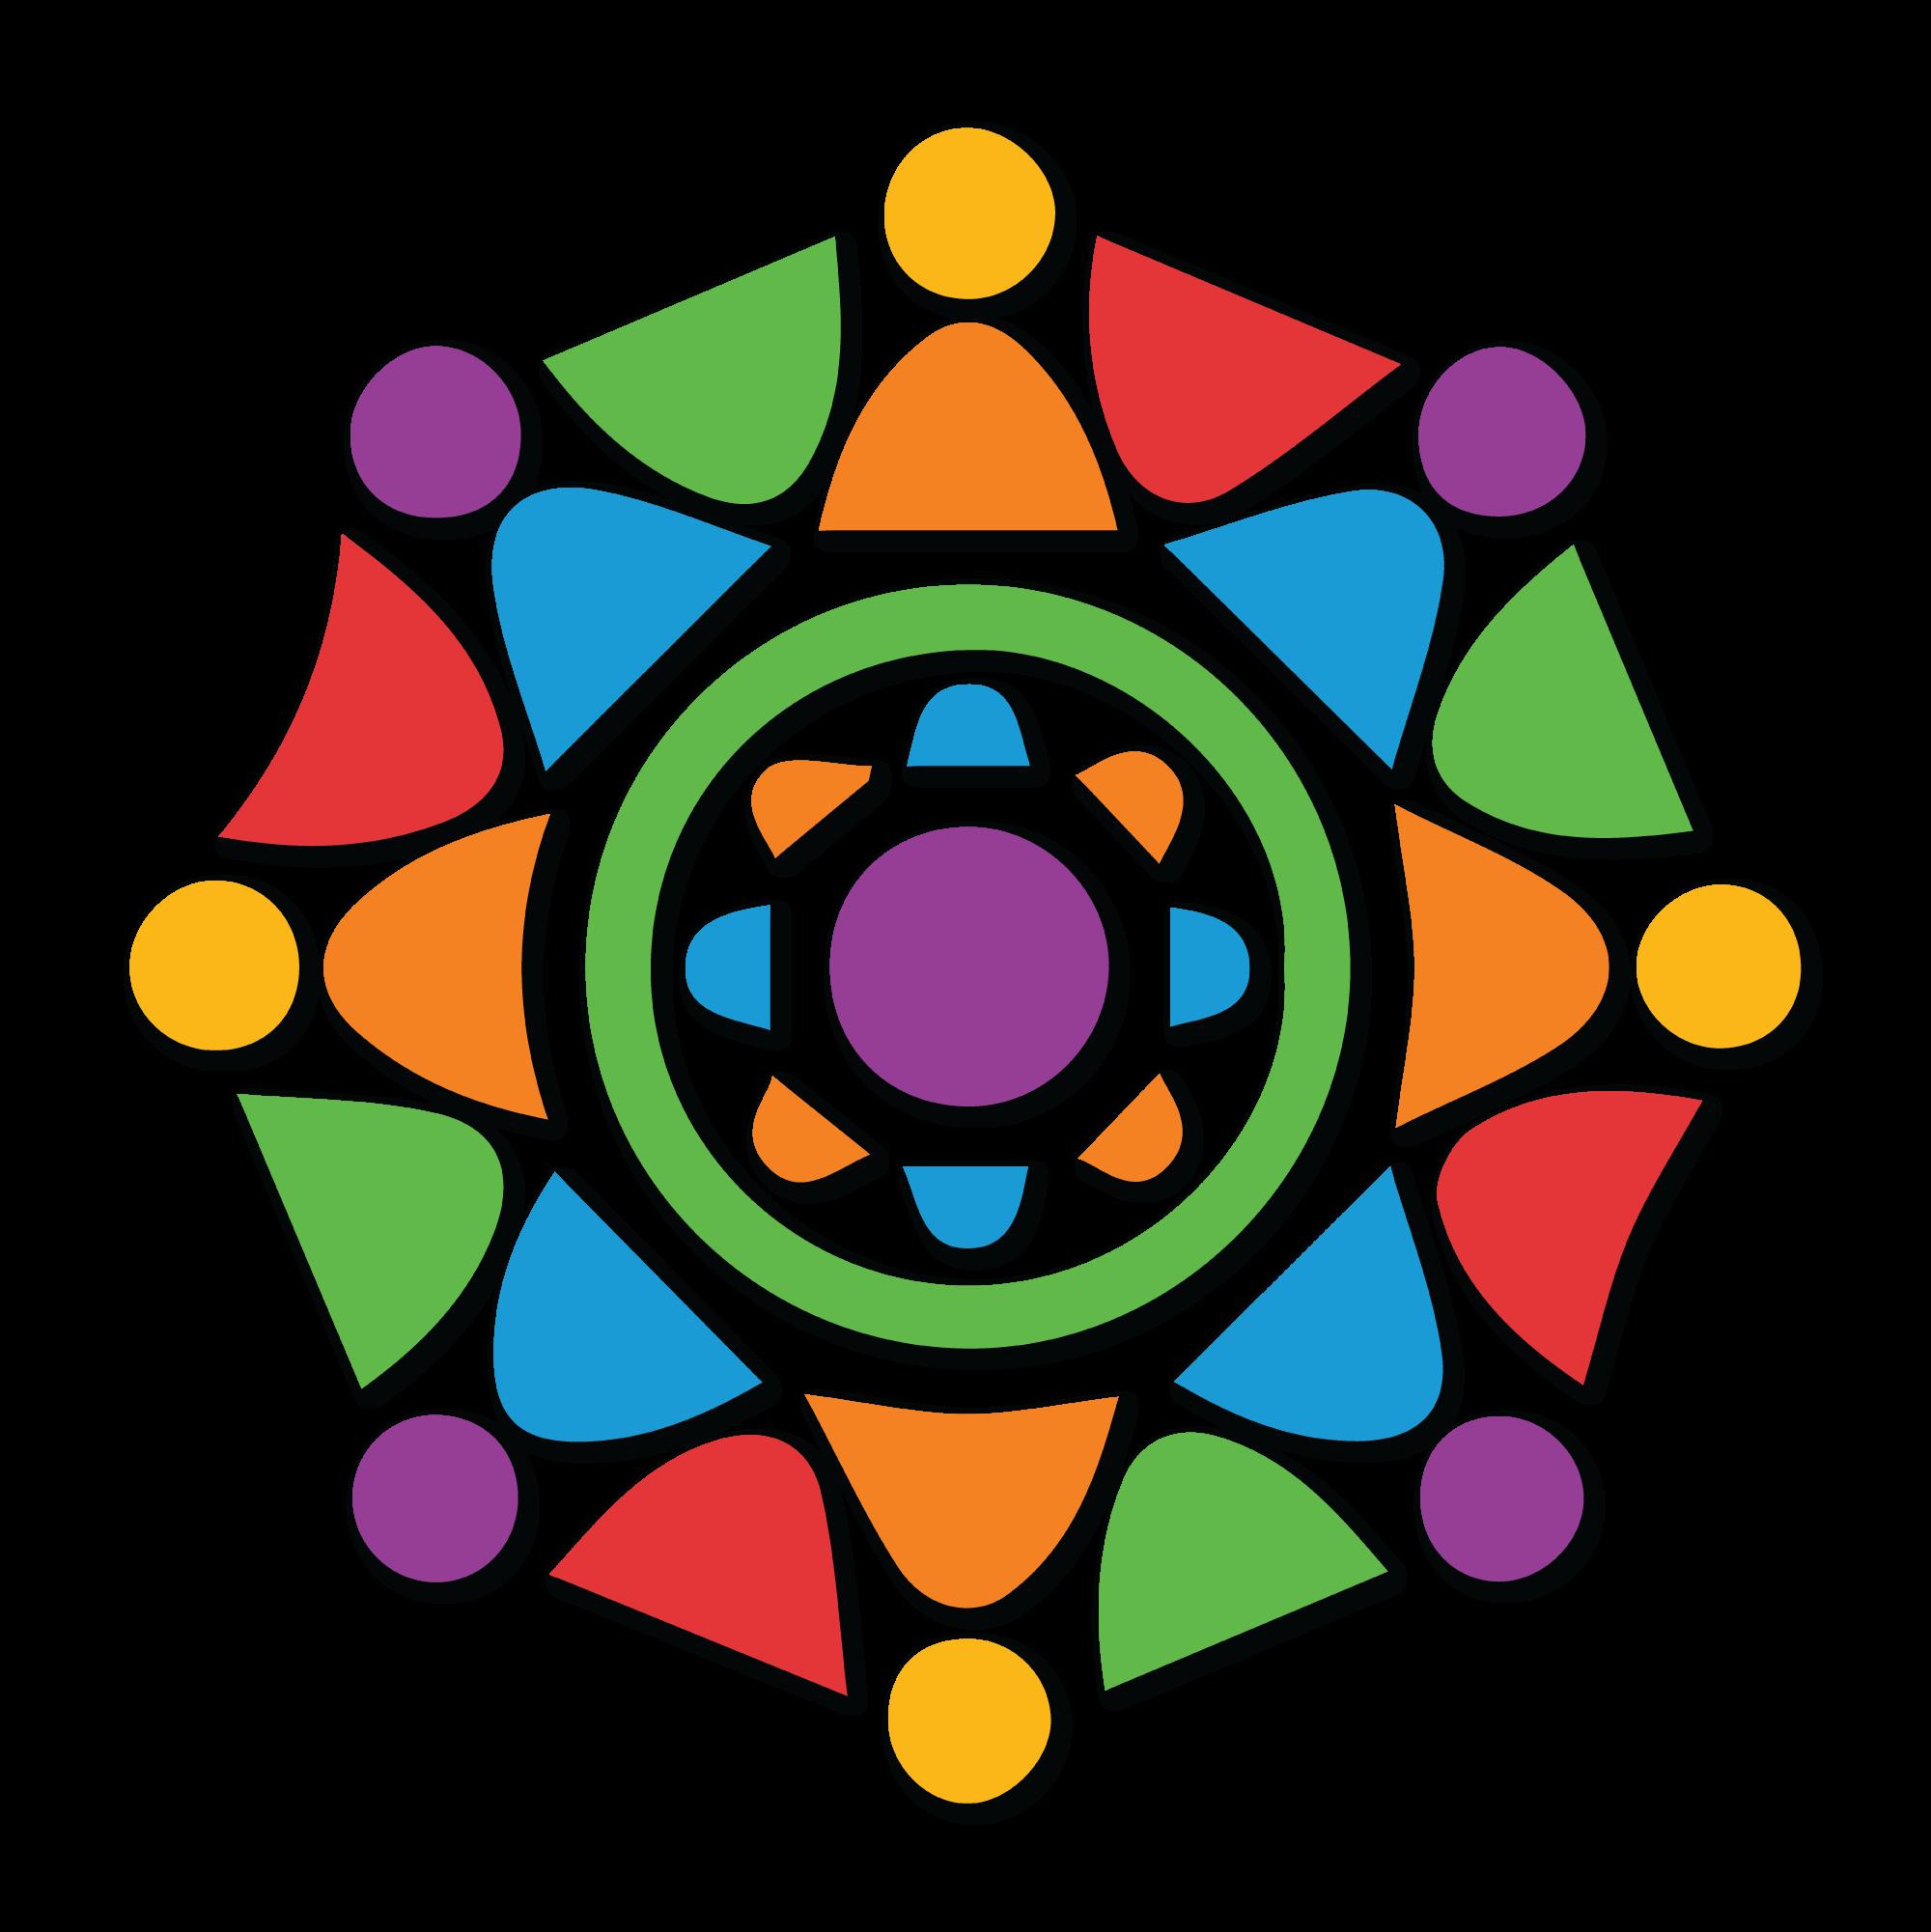 small rainbows end mandala logo.png